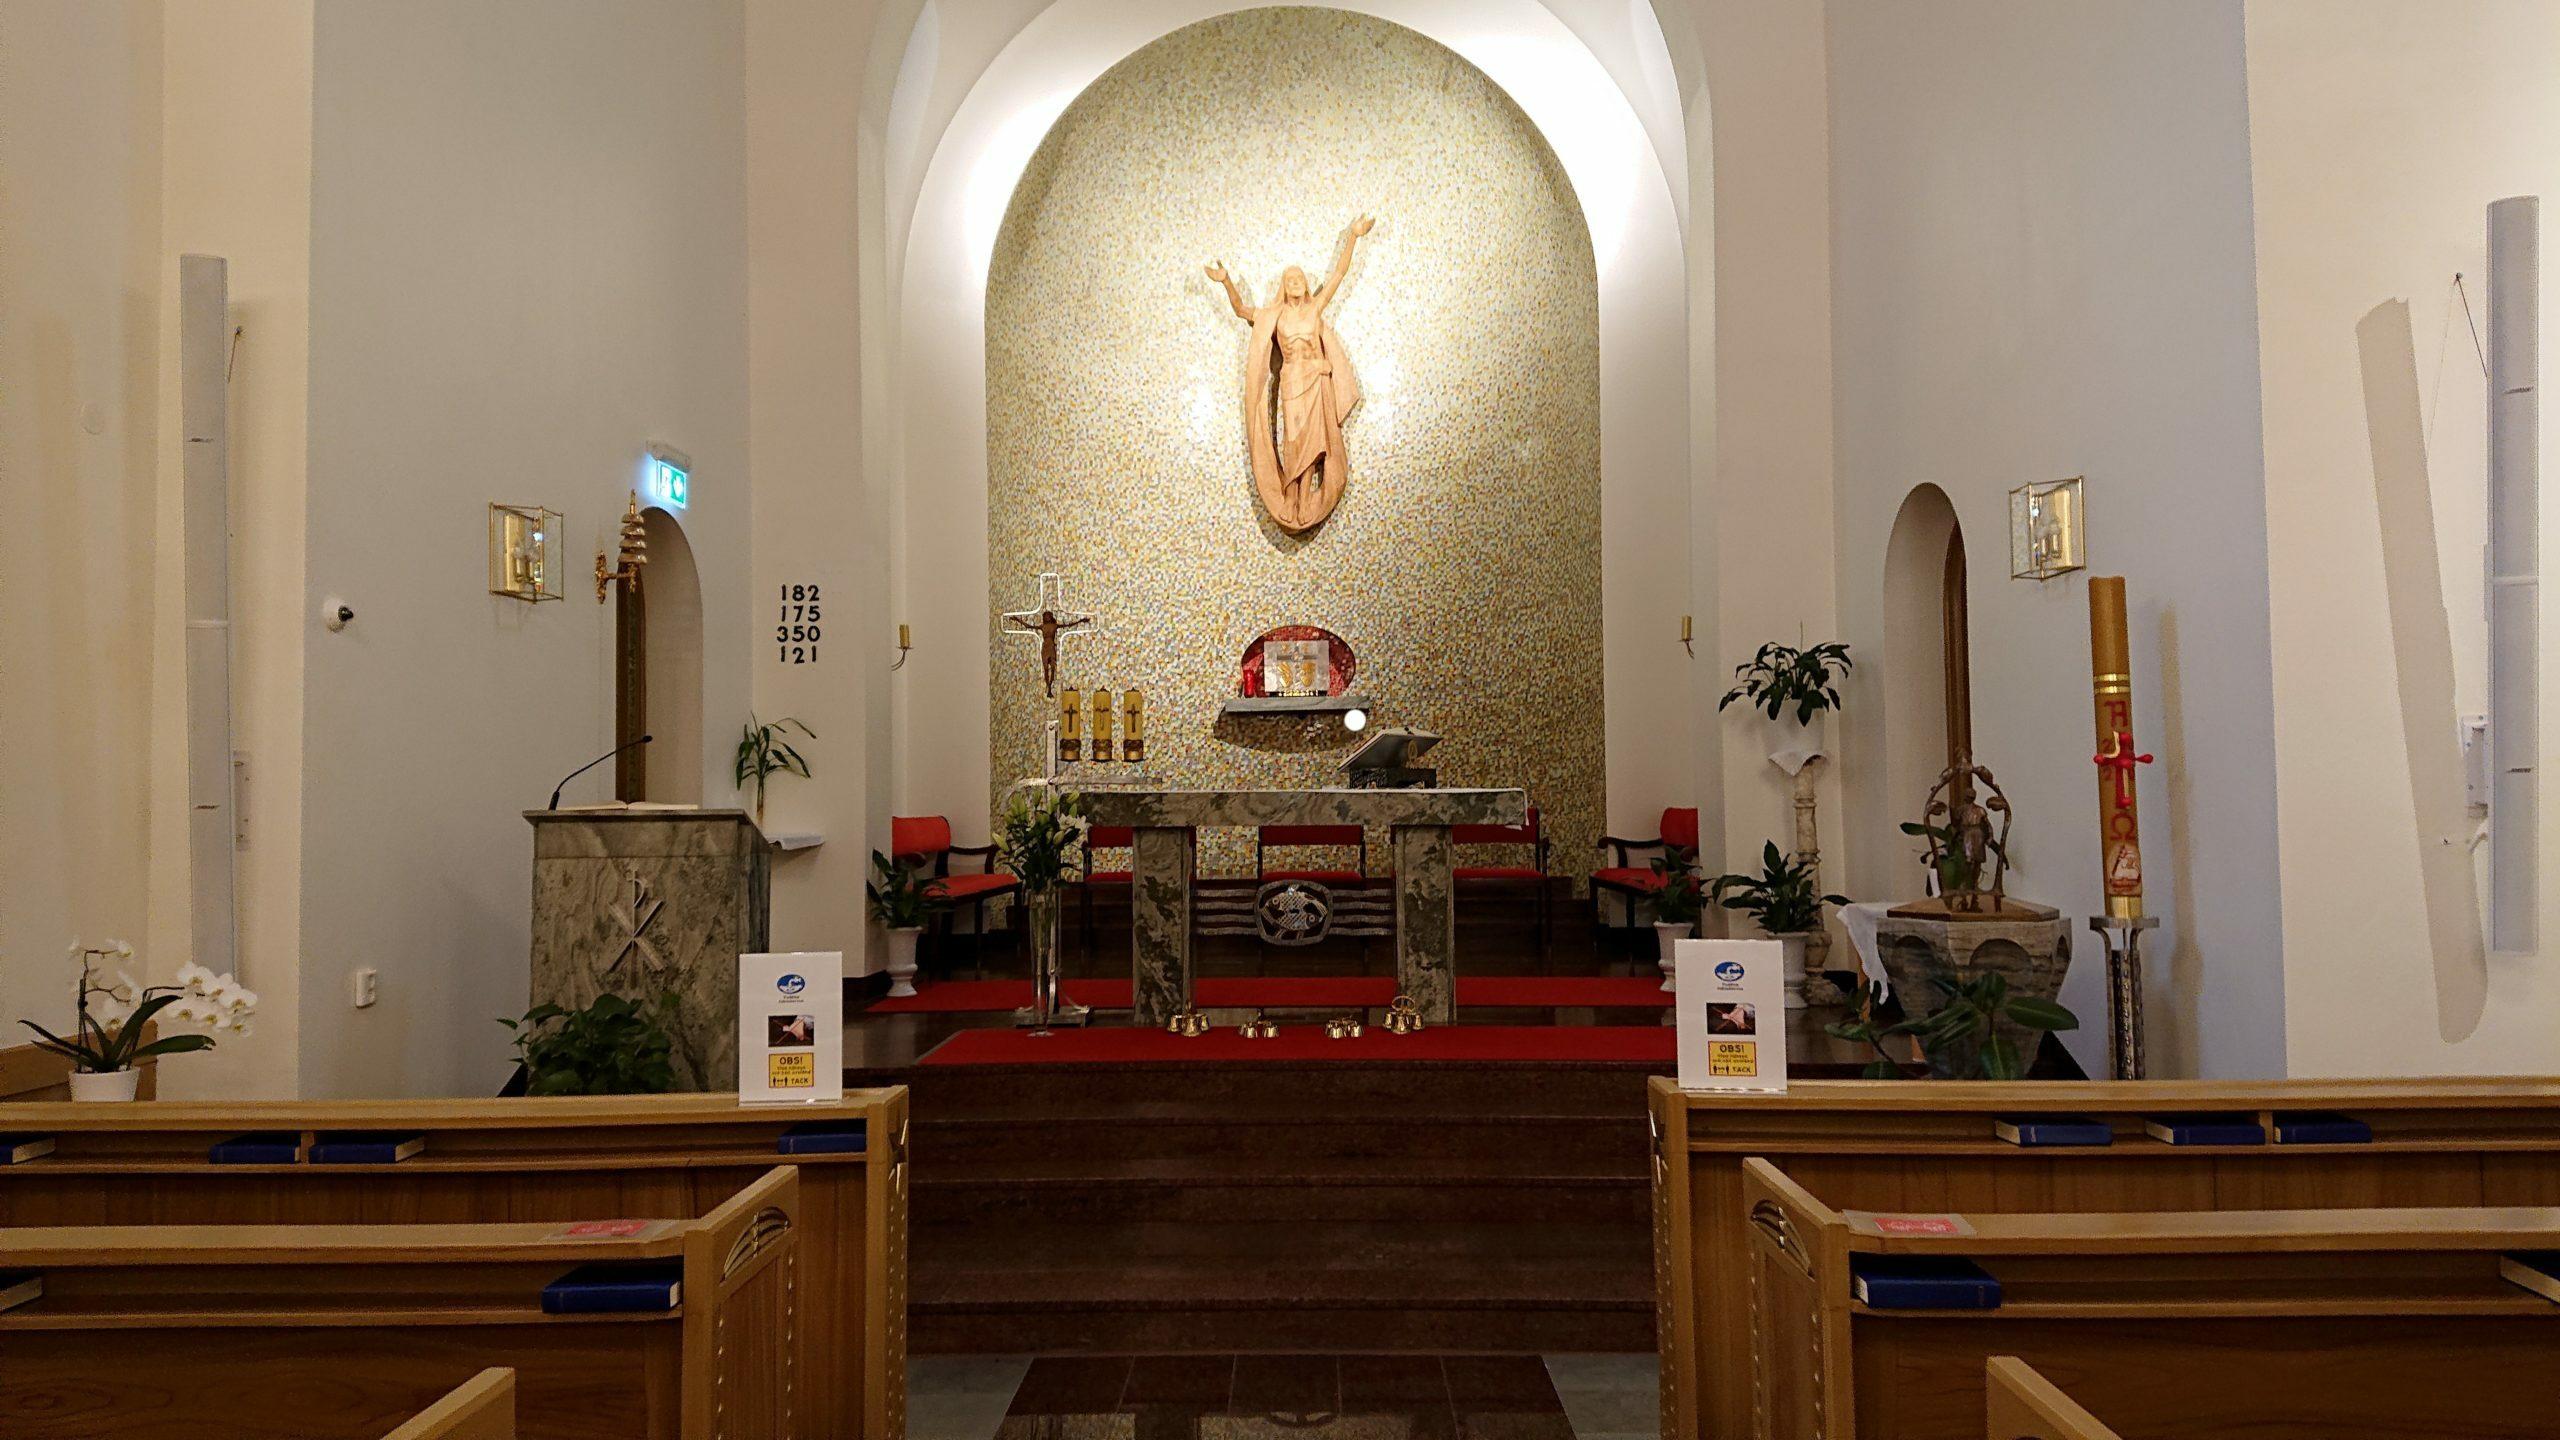 Katolska kyrkan i Norrköping